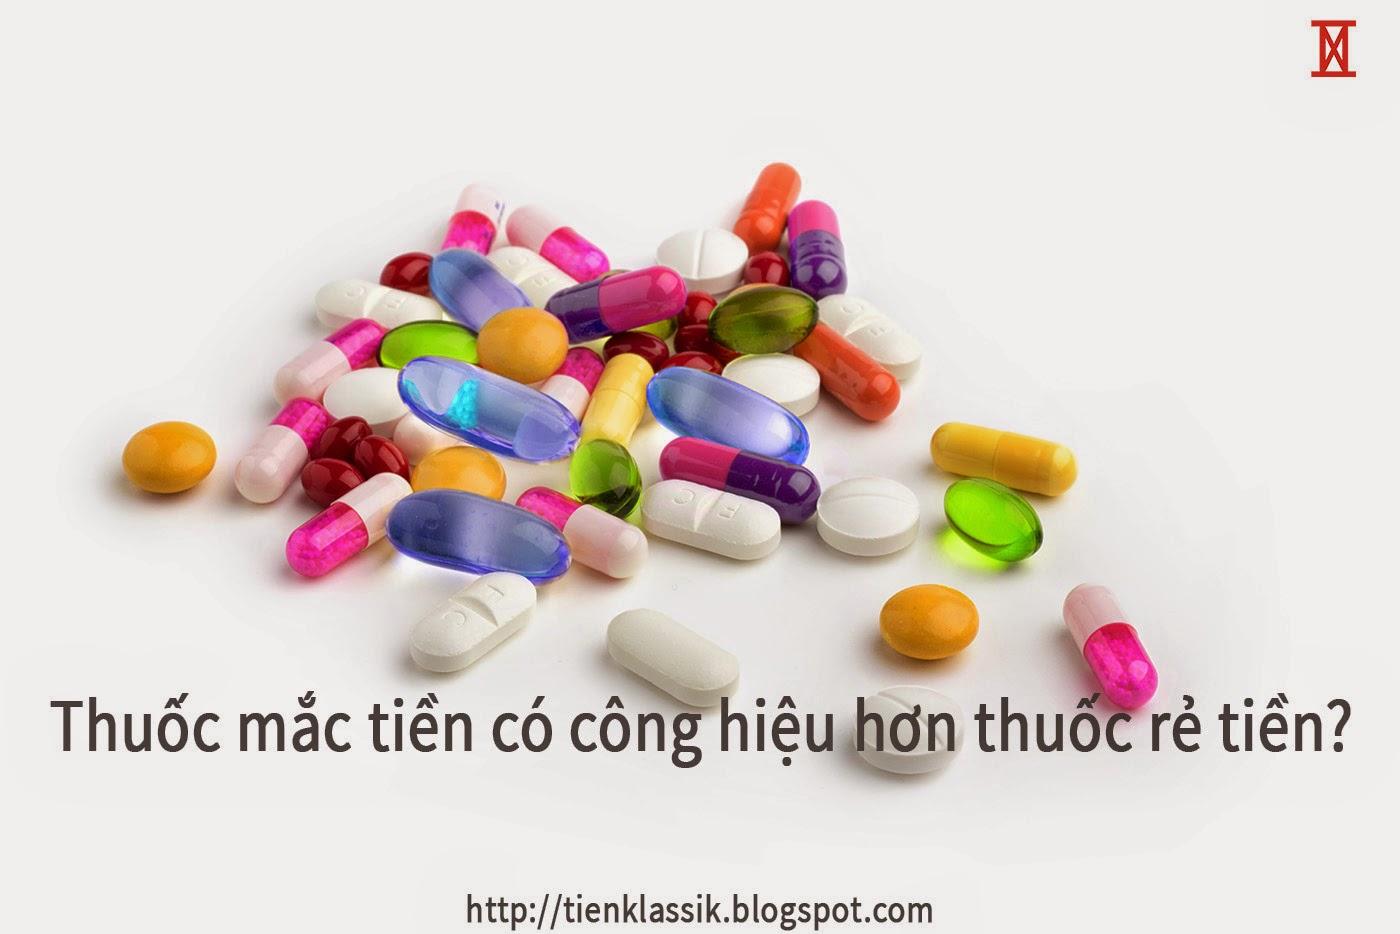 Thuốc mắc tiền thực sự có công hiệu hơn thuốc rẻ tiền?